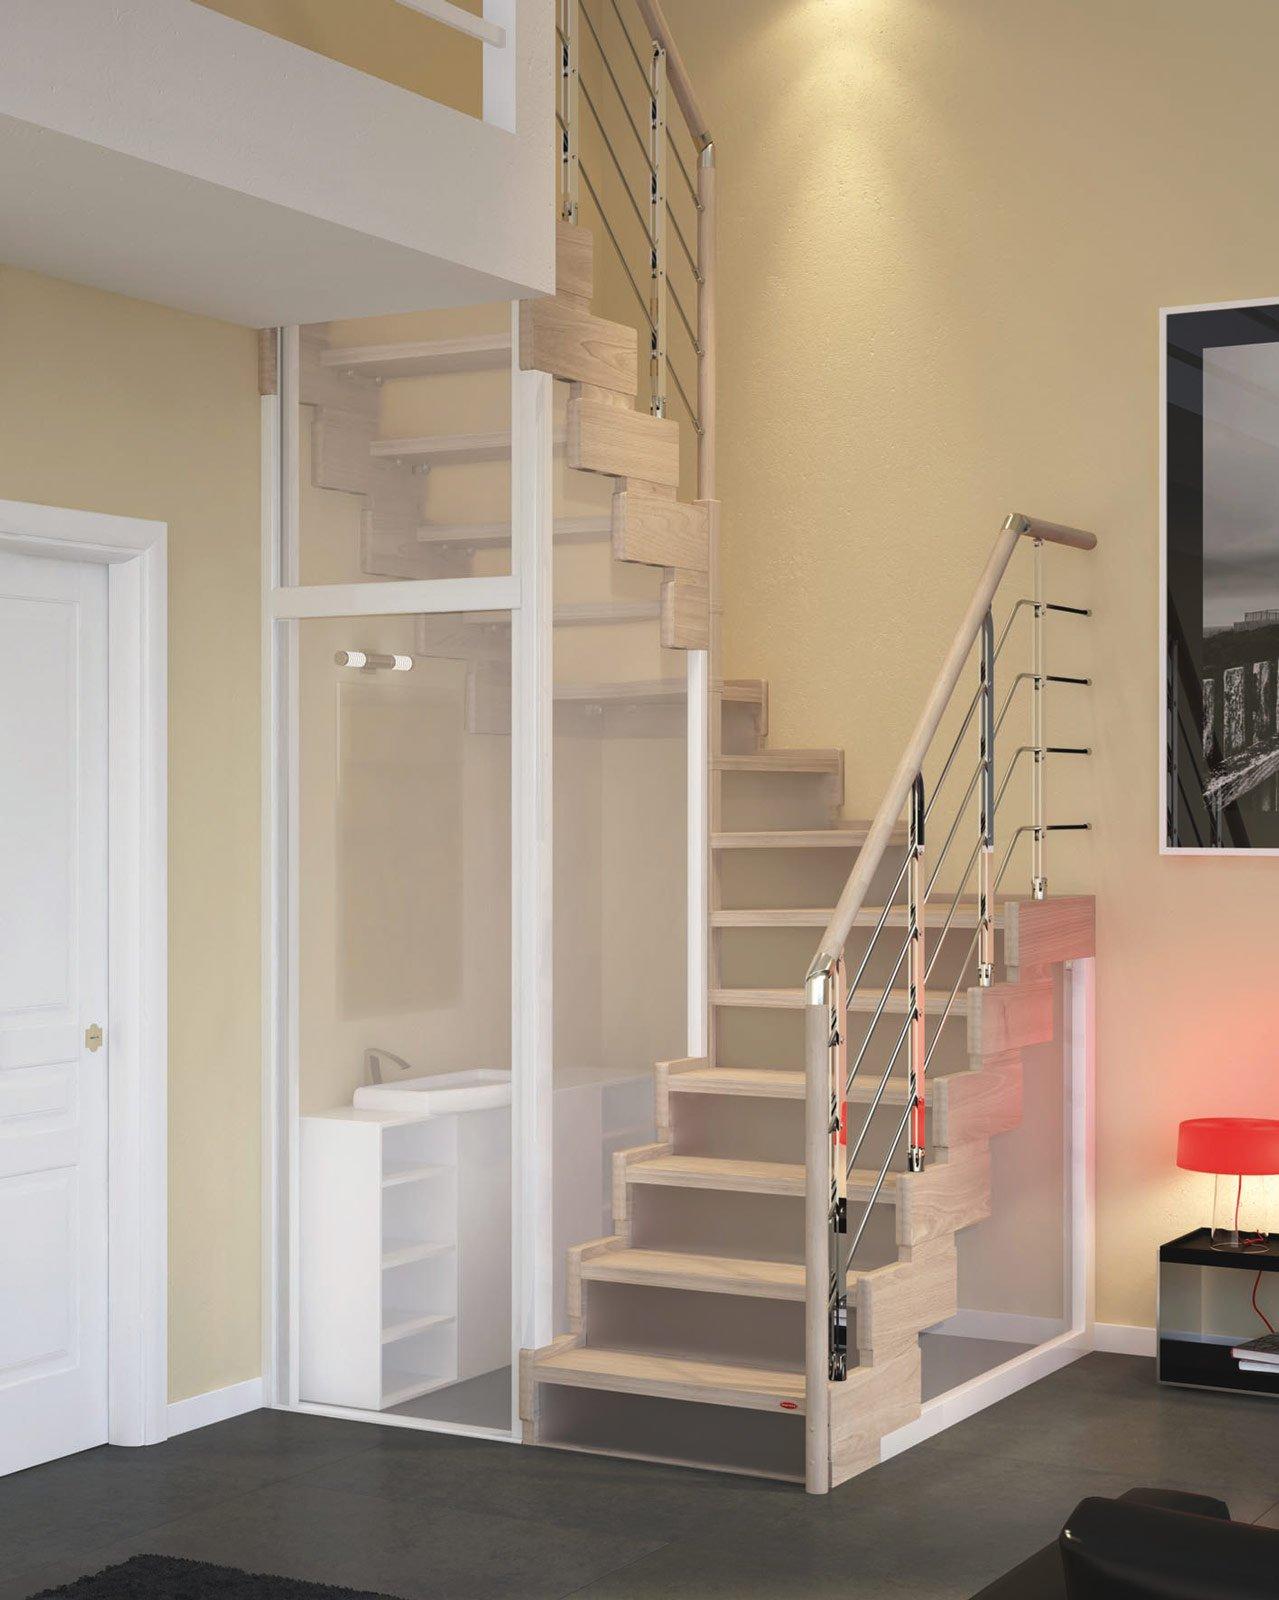 Recuperare spazio in casa soluzioni per dividere - Scale interne piccoli spazi ...